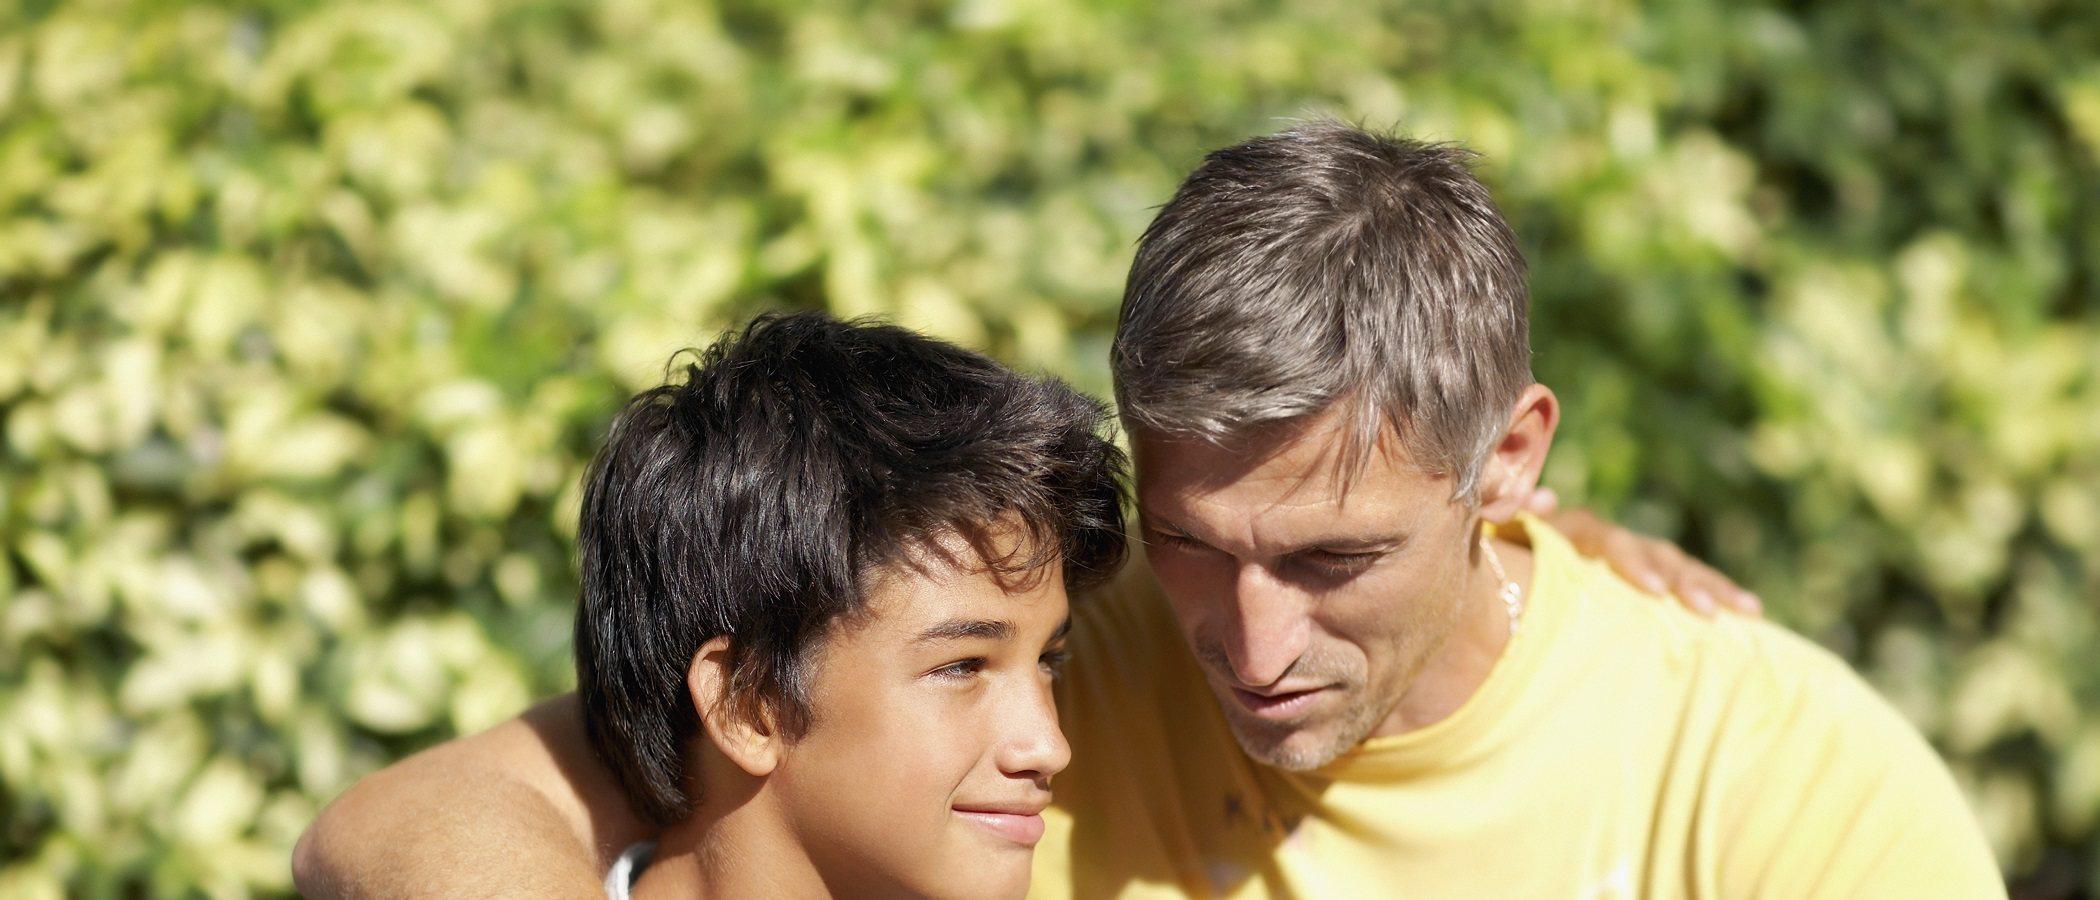 Tus hijos adolescentes también necesitan jugar contigo